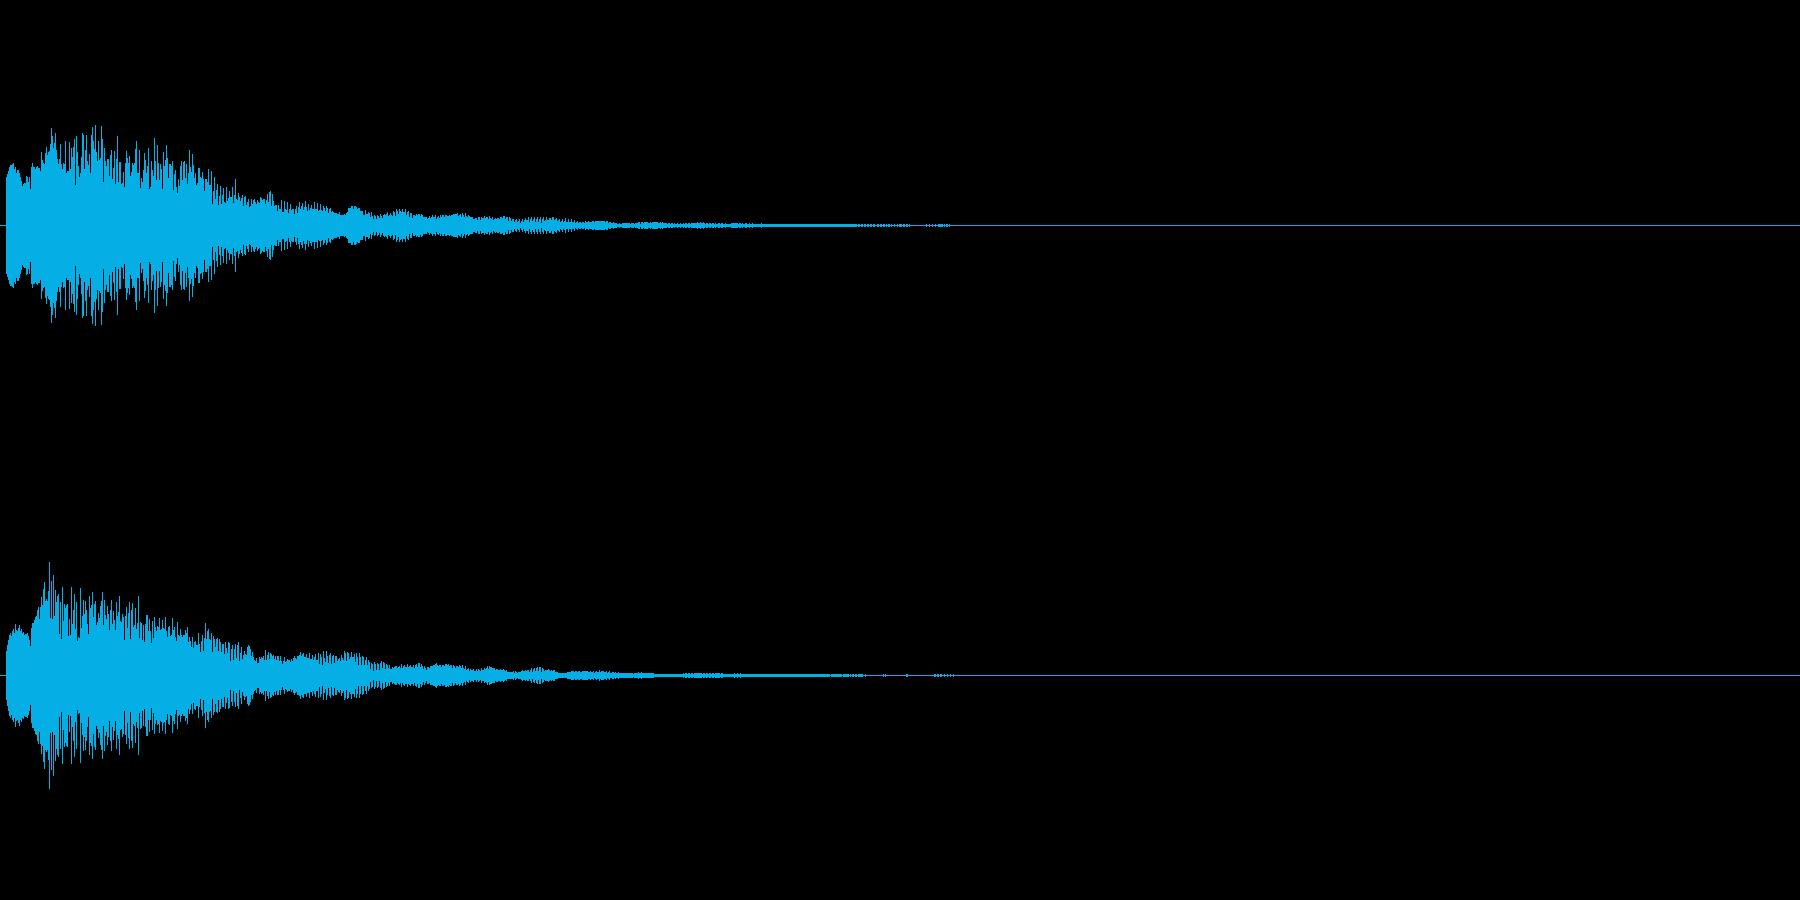 スイッチ ニュース ゲーム 電子音 の再生済みの波形